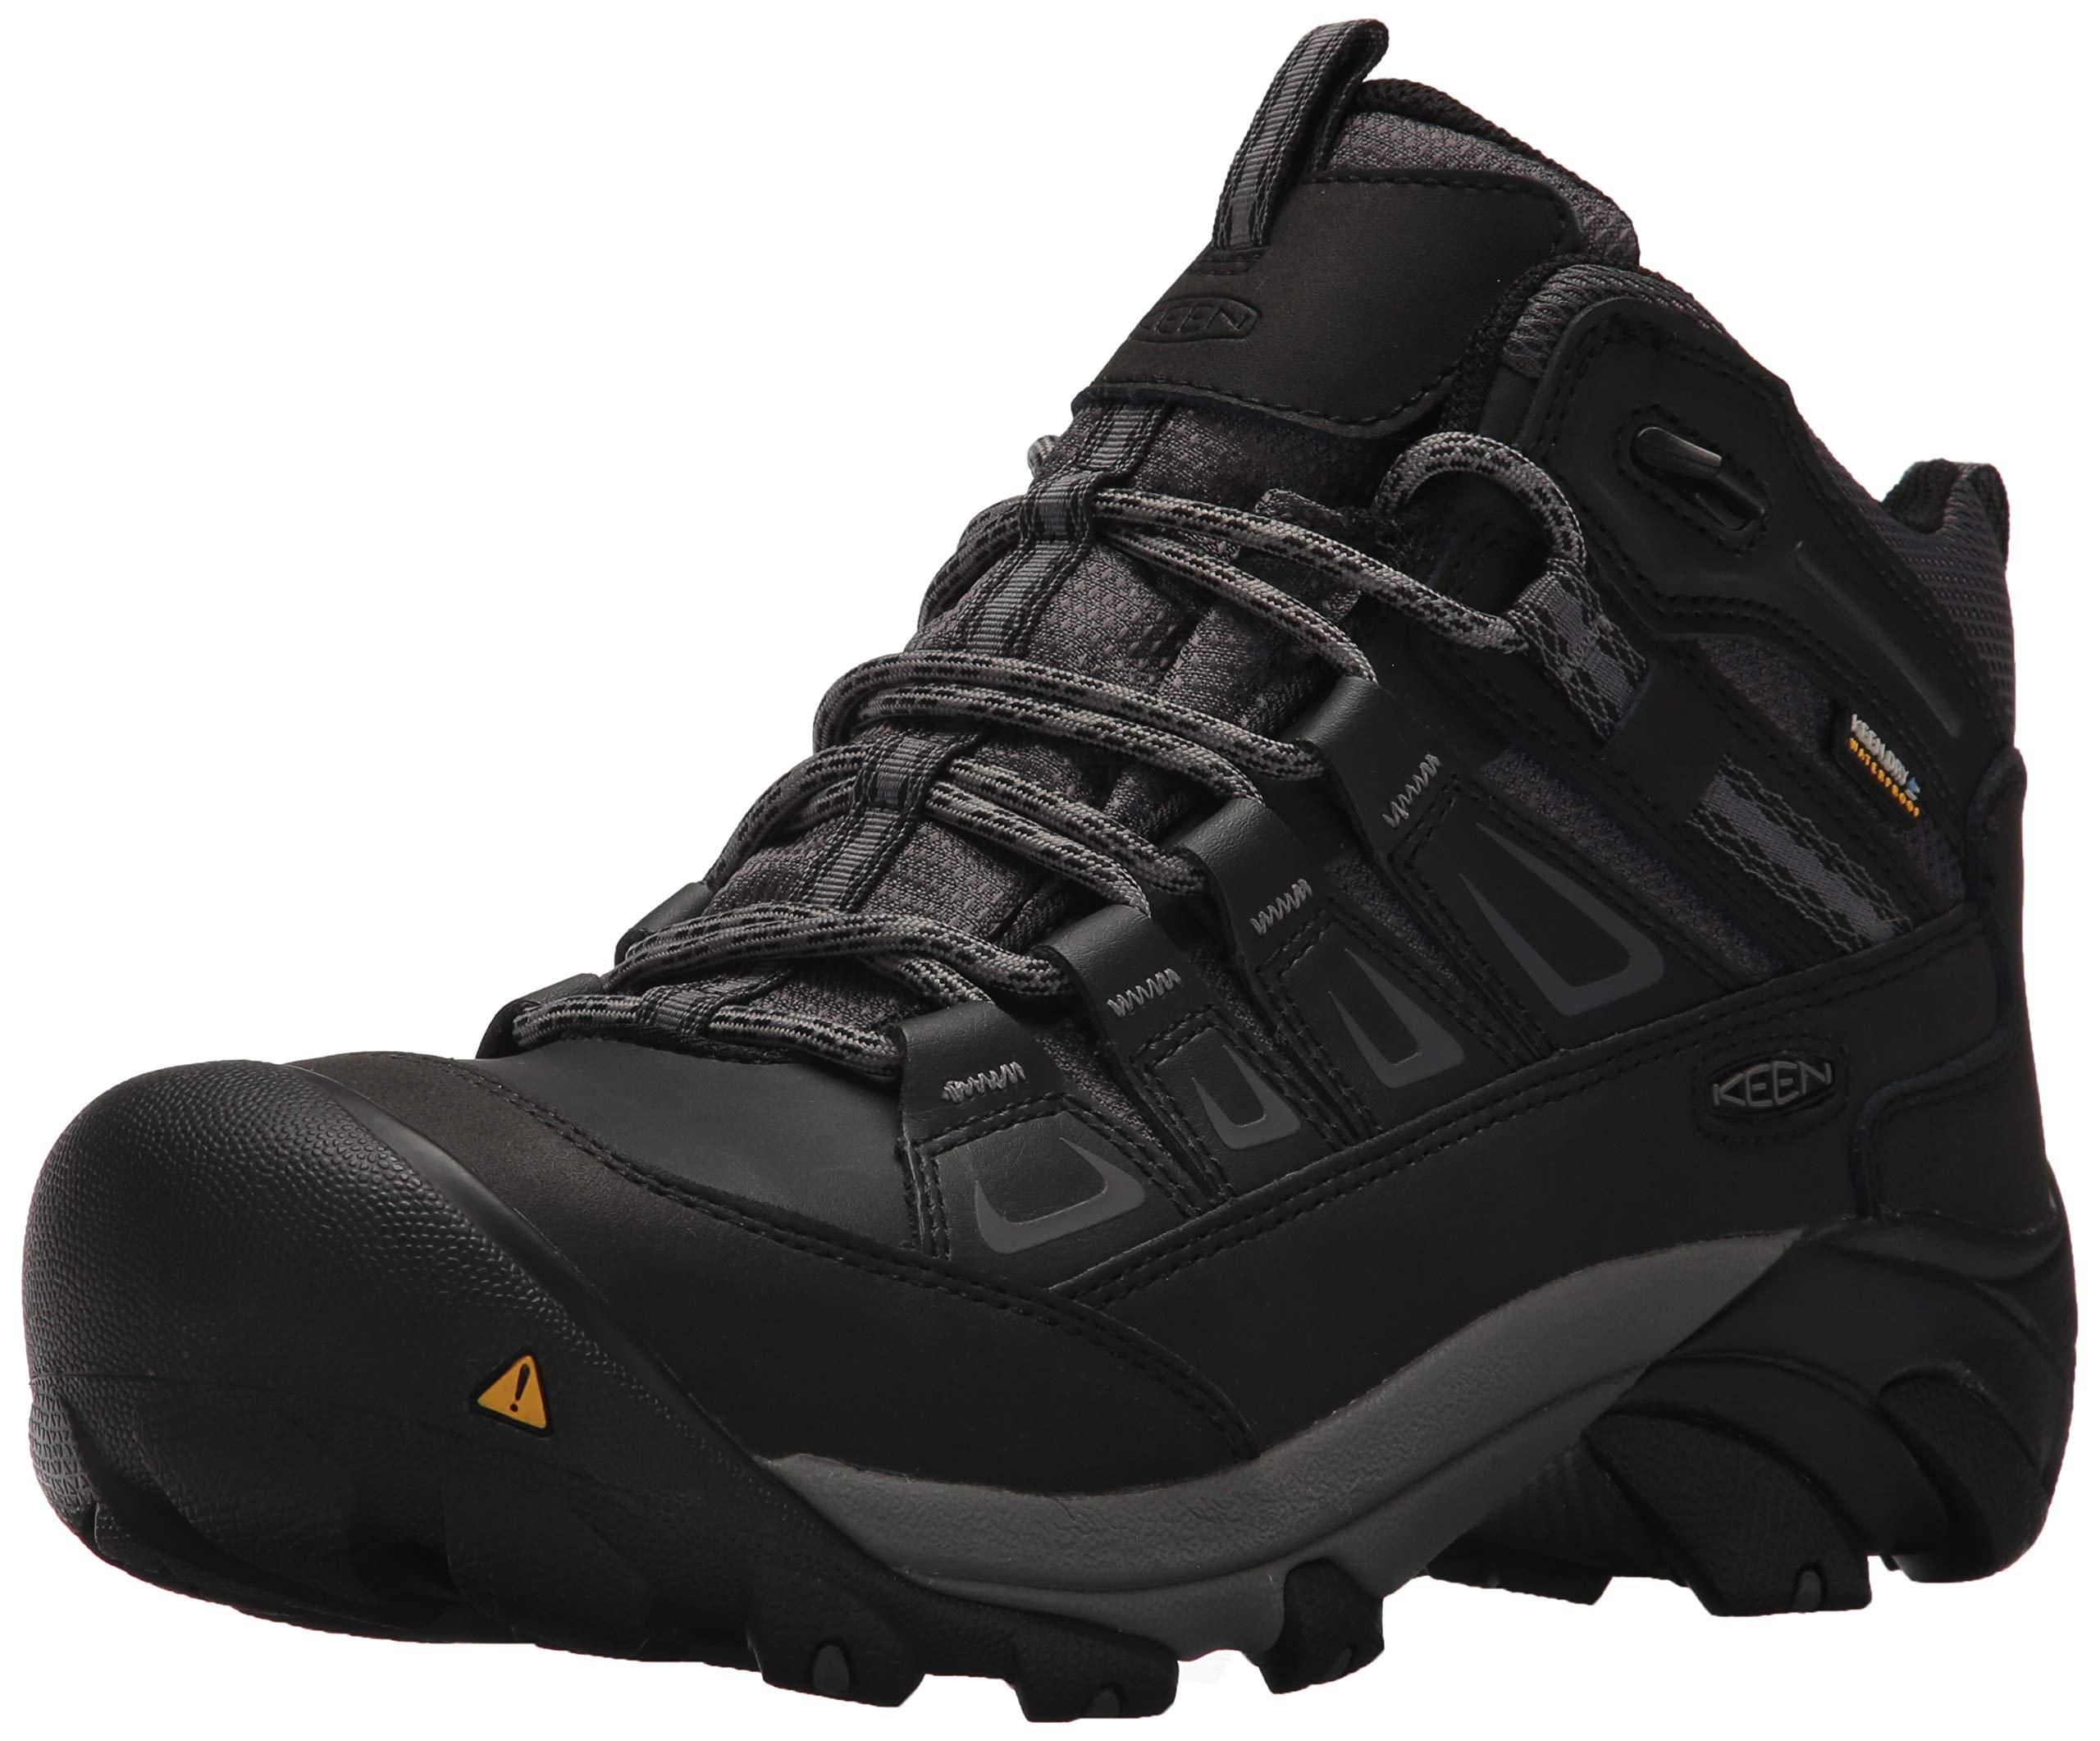 KEEN Utility Men's Boulder Mid Waterproof Industrial Boot